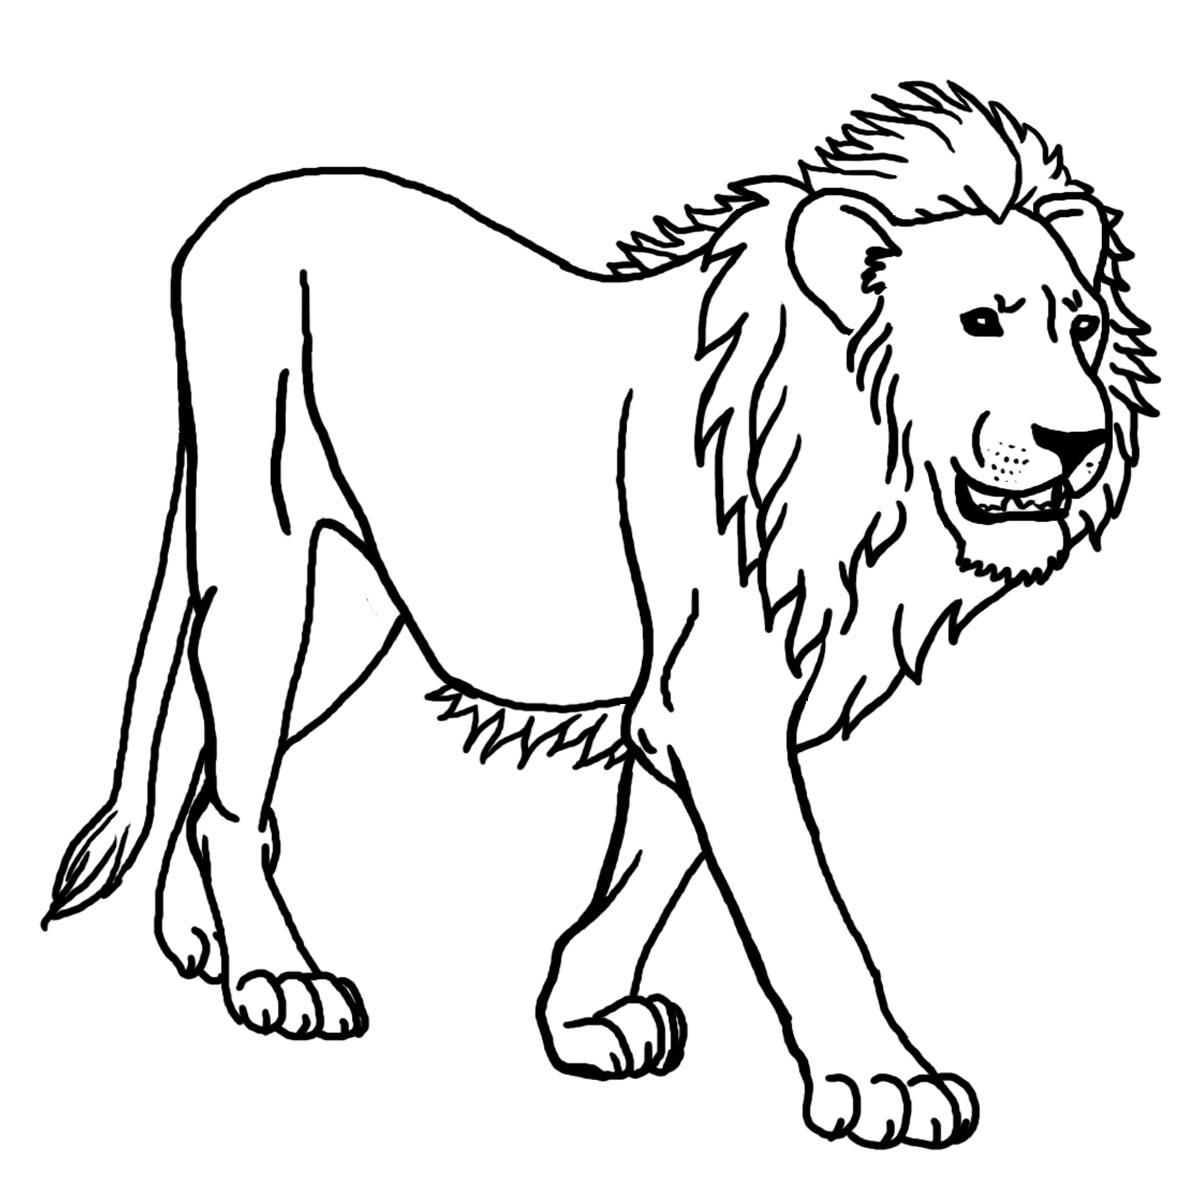 Lion Free To Color For Children - Lion Kids Coloring Pages avec Lion A Colorier